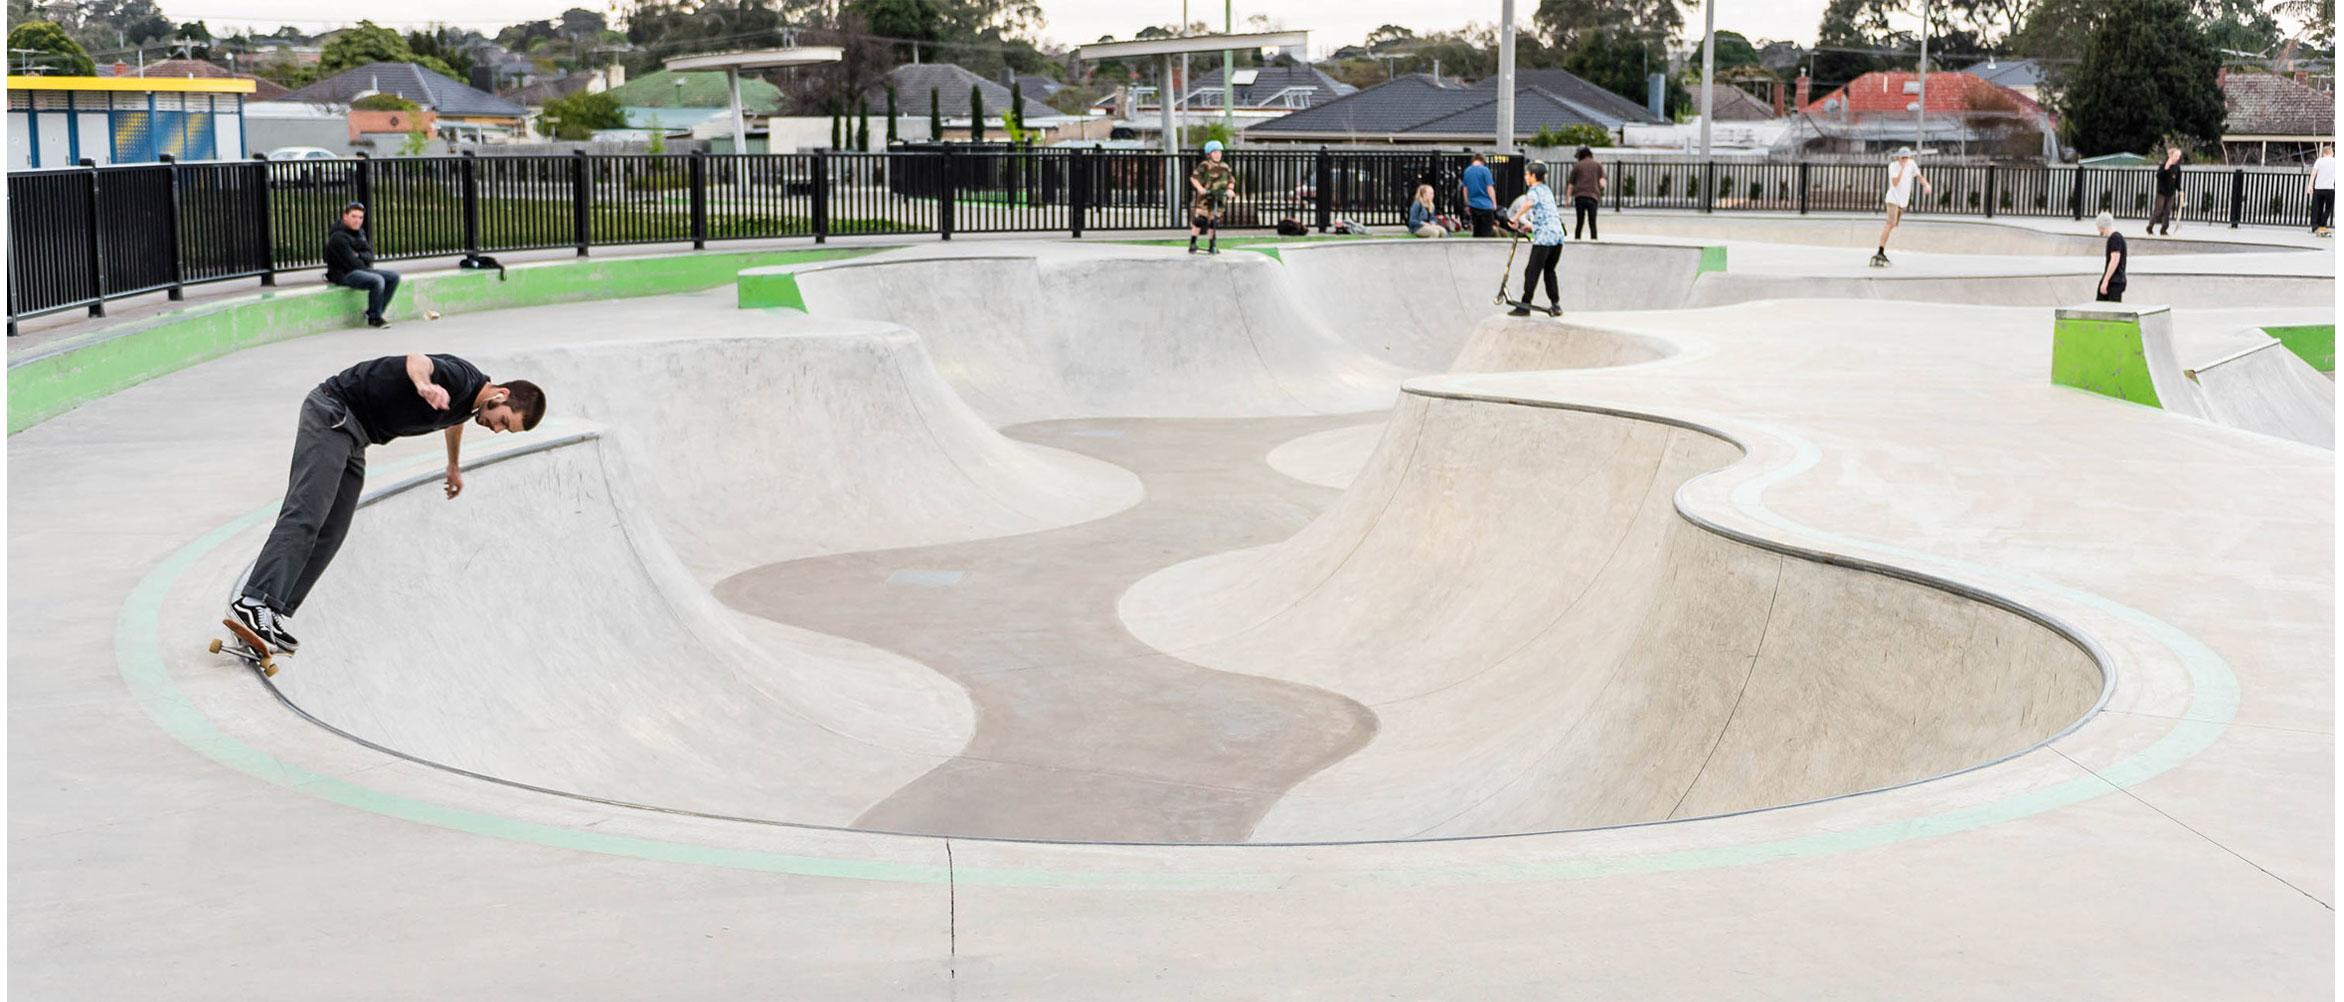 Noble Park skate park snakerun bowl